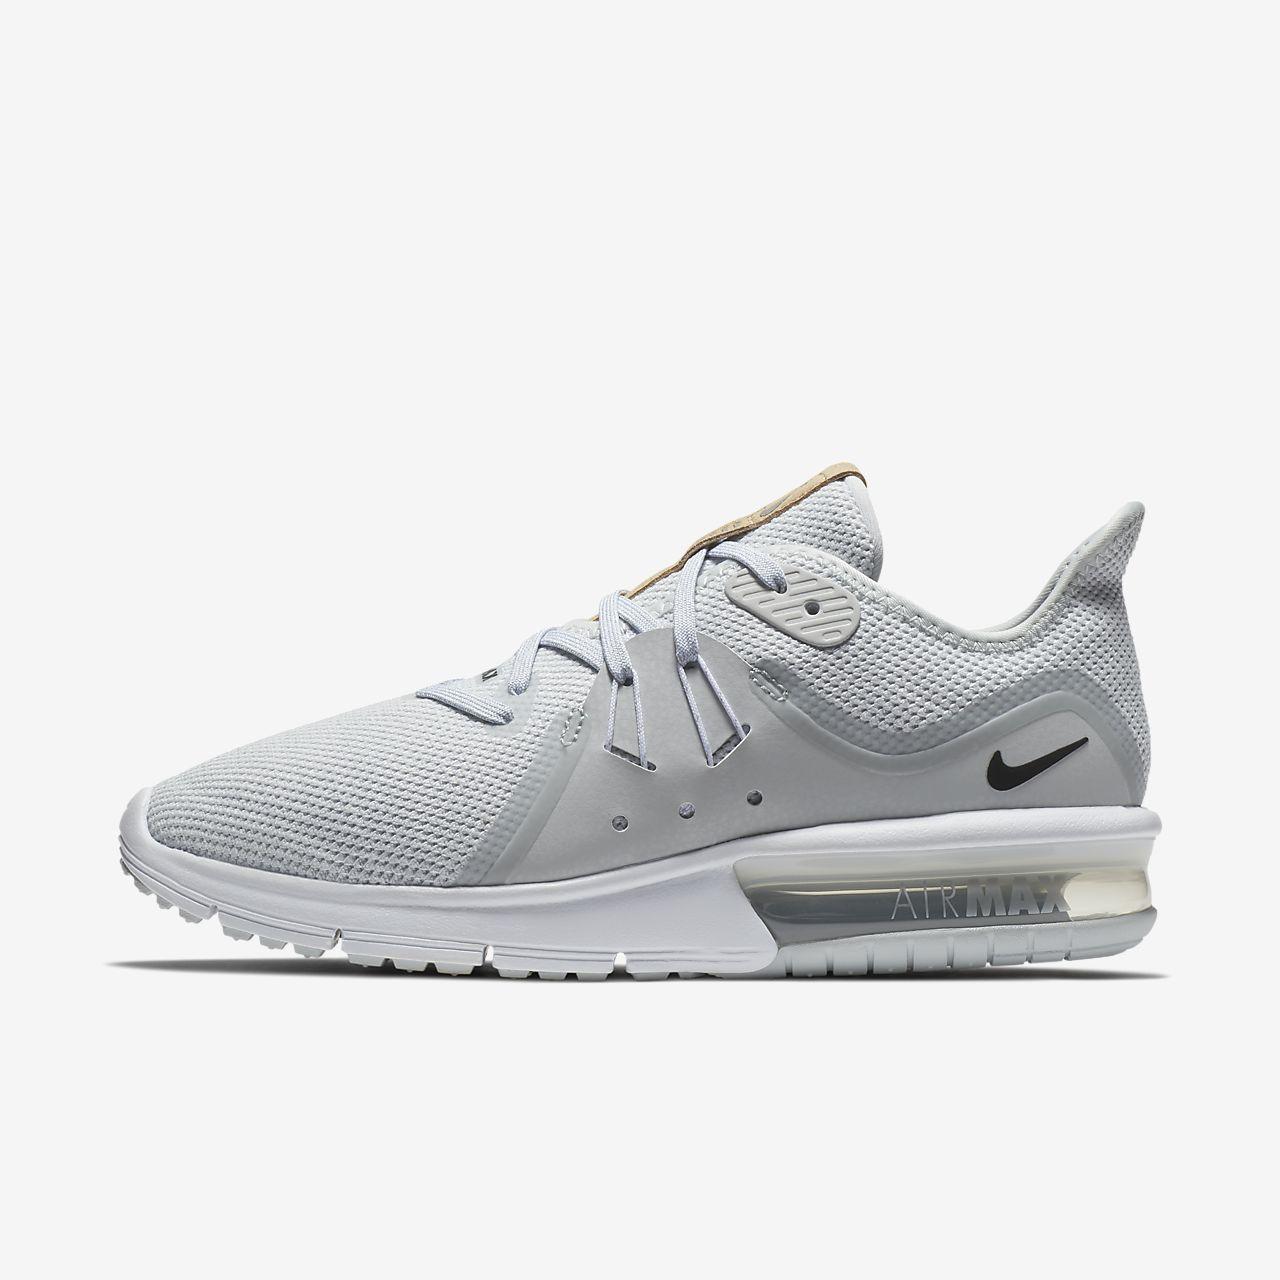 4d586390f213 Dámská bota Nike Air Max Sequent 3. Nike.com CZ